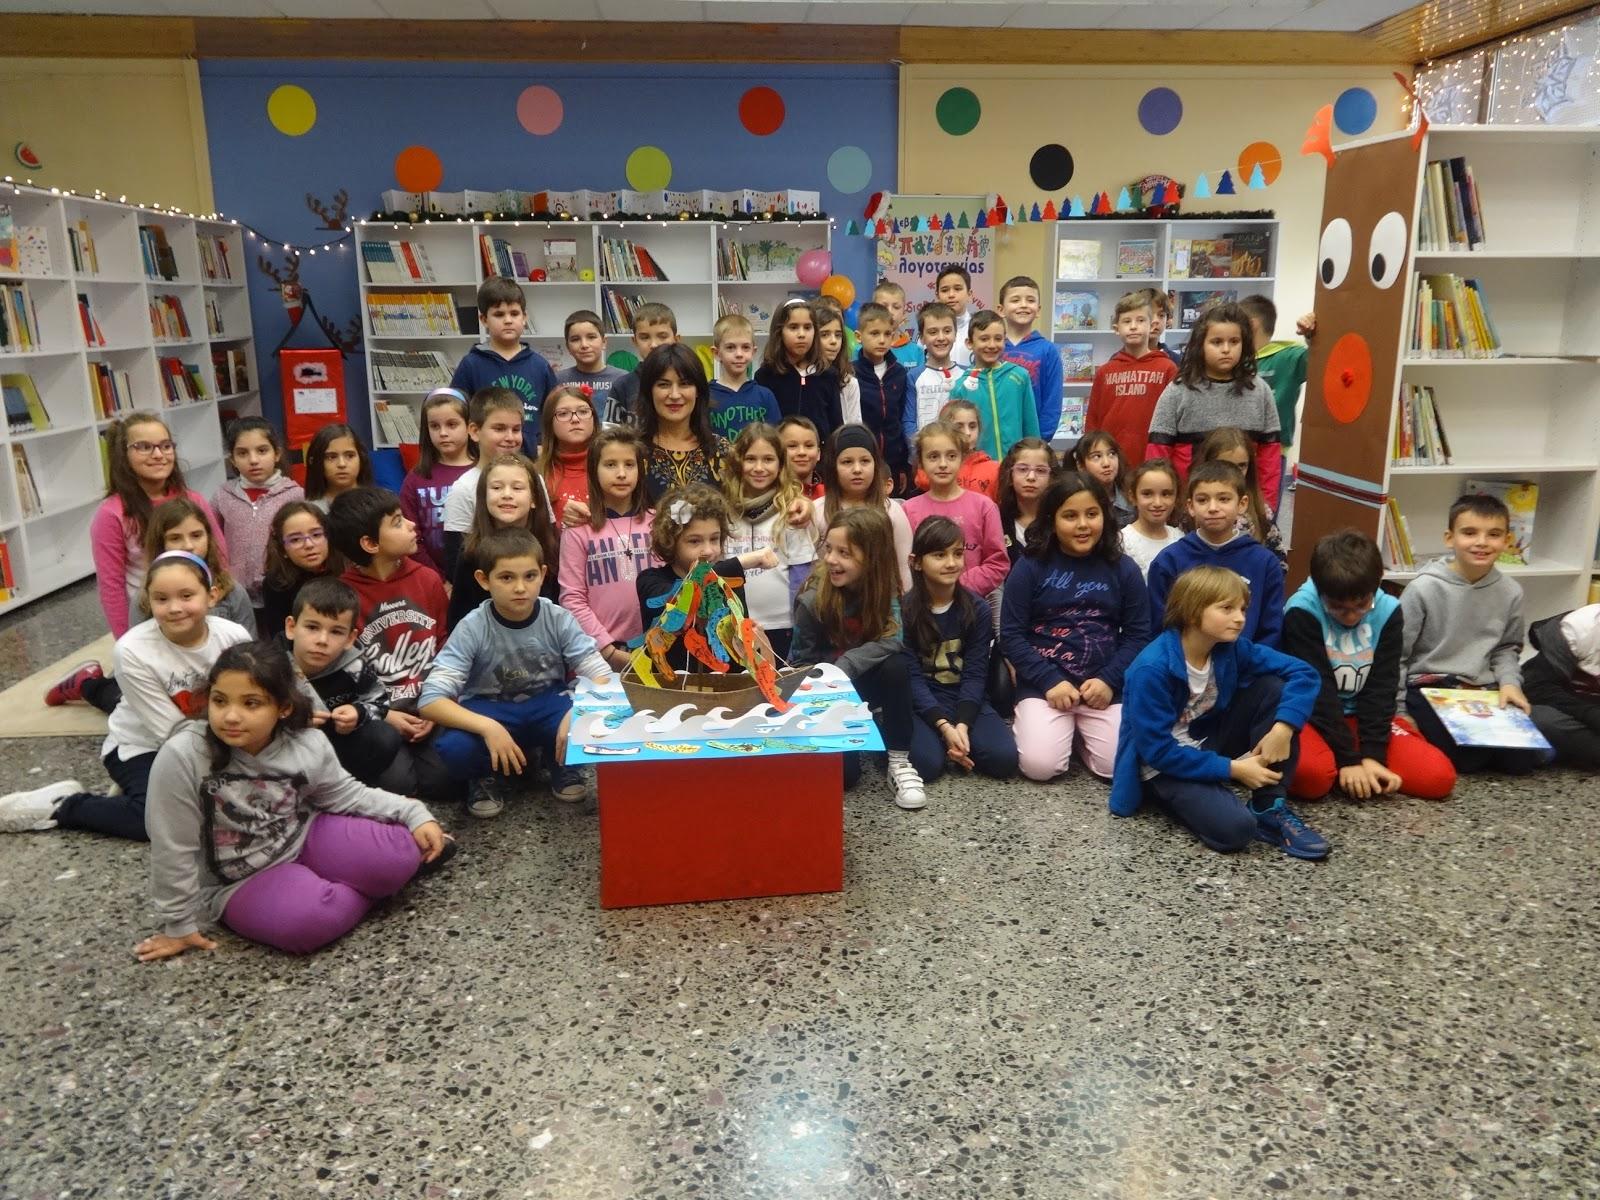 Χριστουγεννιάτικες περιπέτειες στη Δημοτική Βιβλιοθήκη Λάρισας (ΦΩΤΟ)